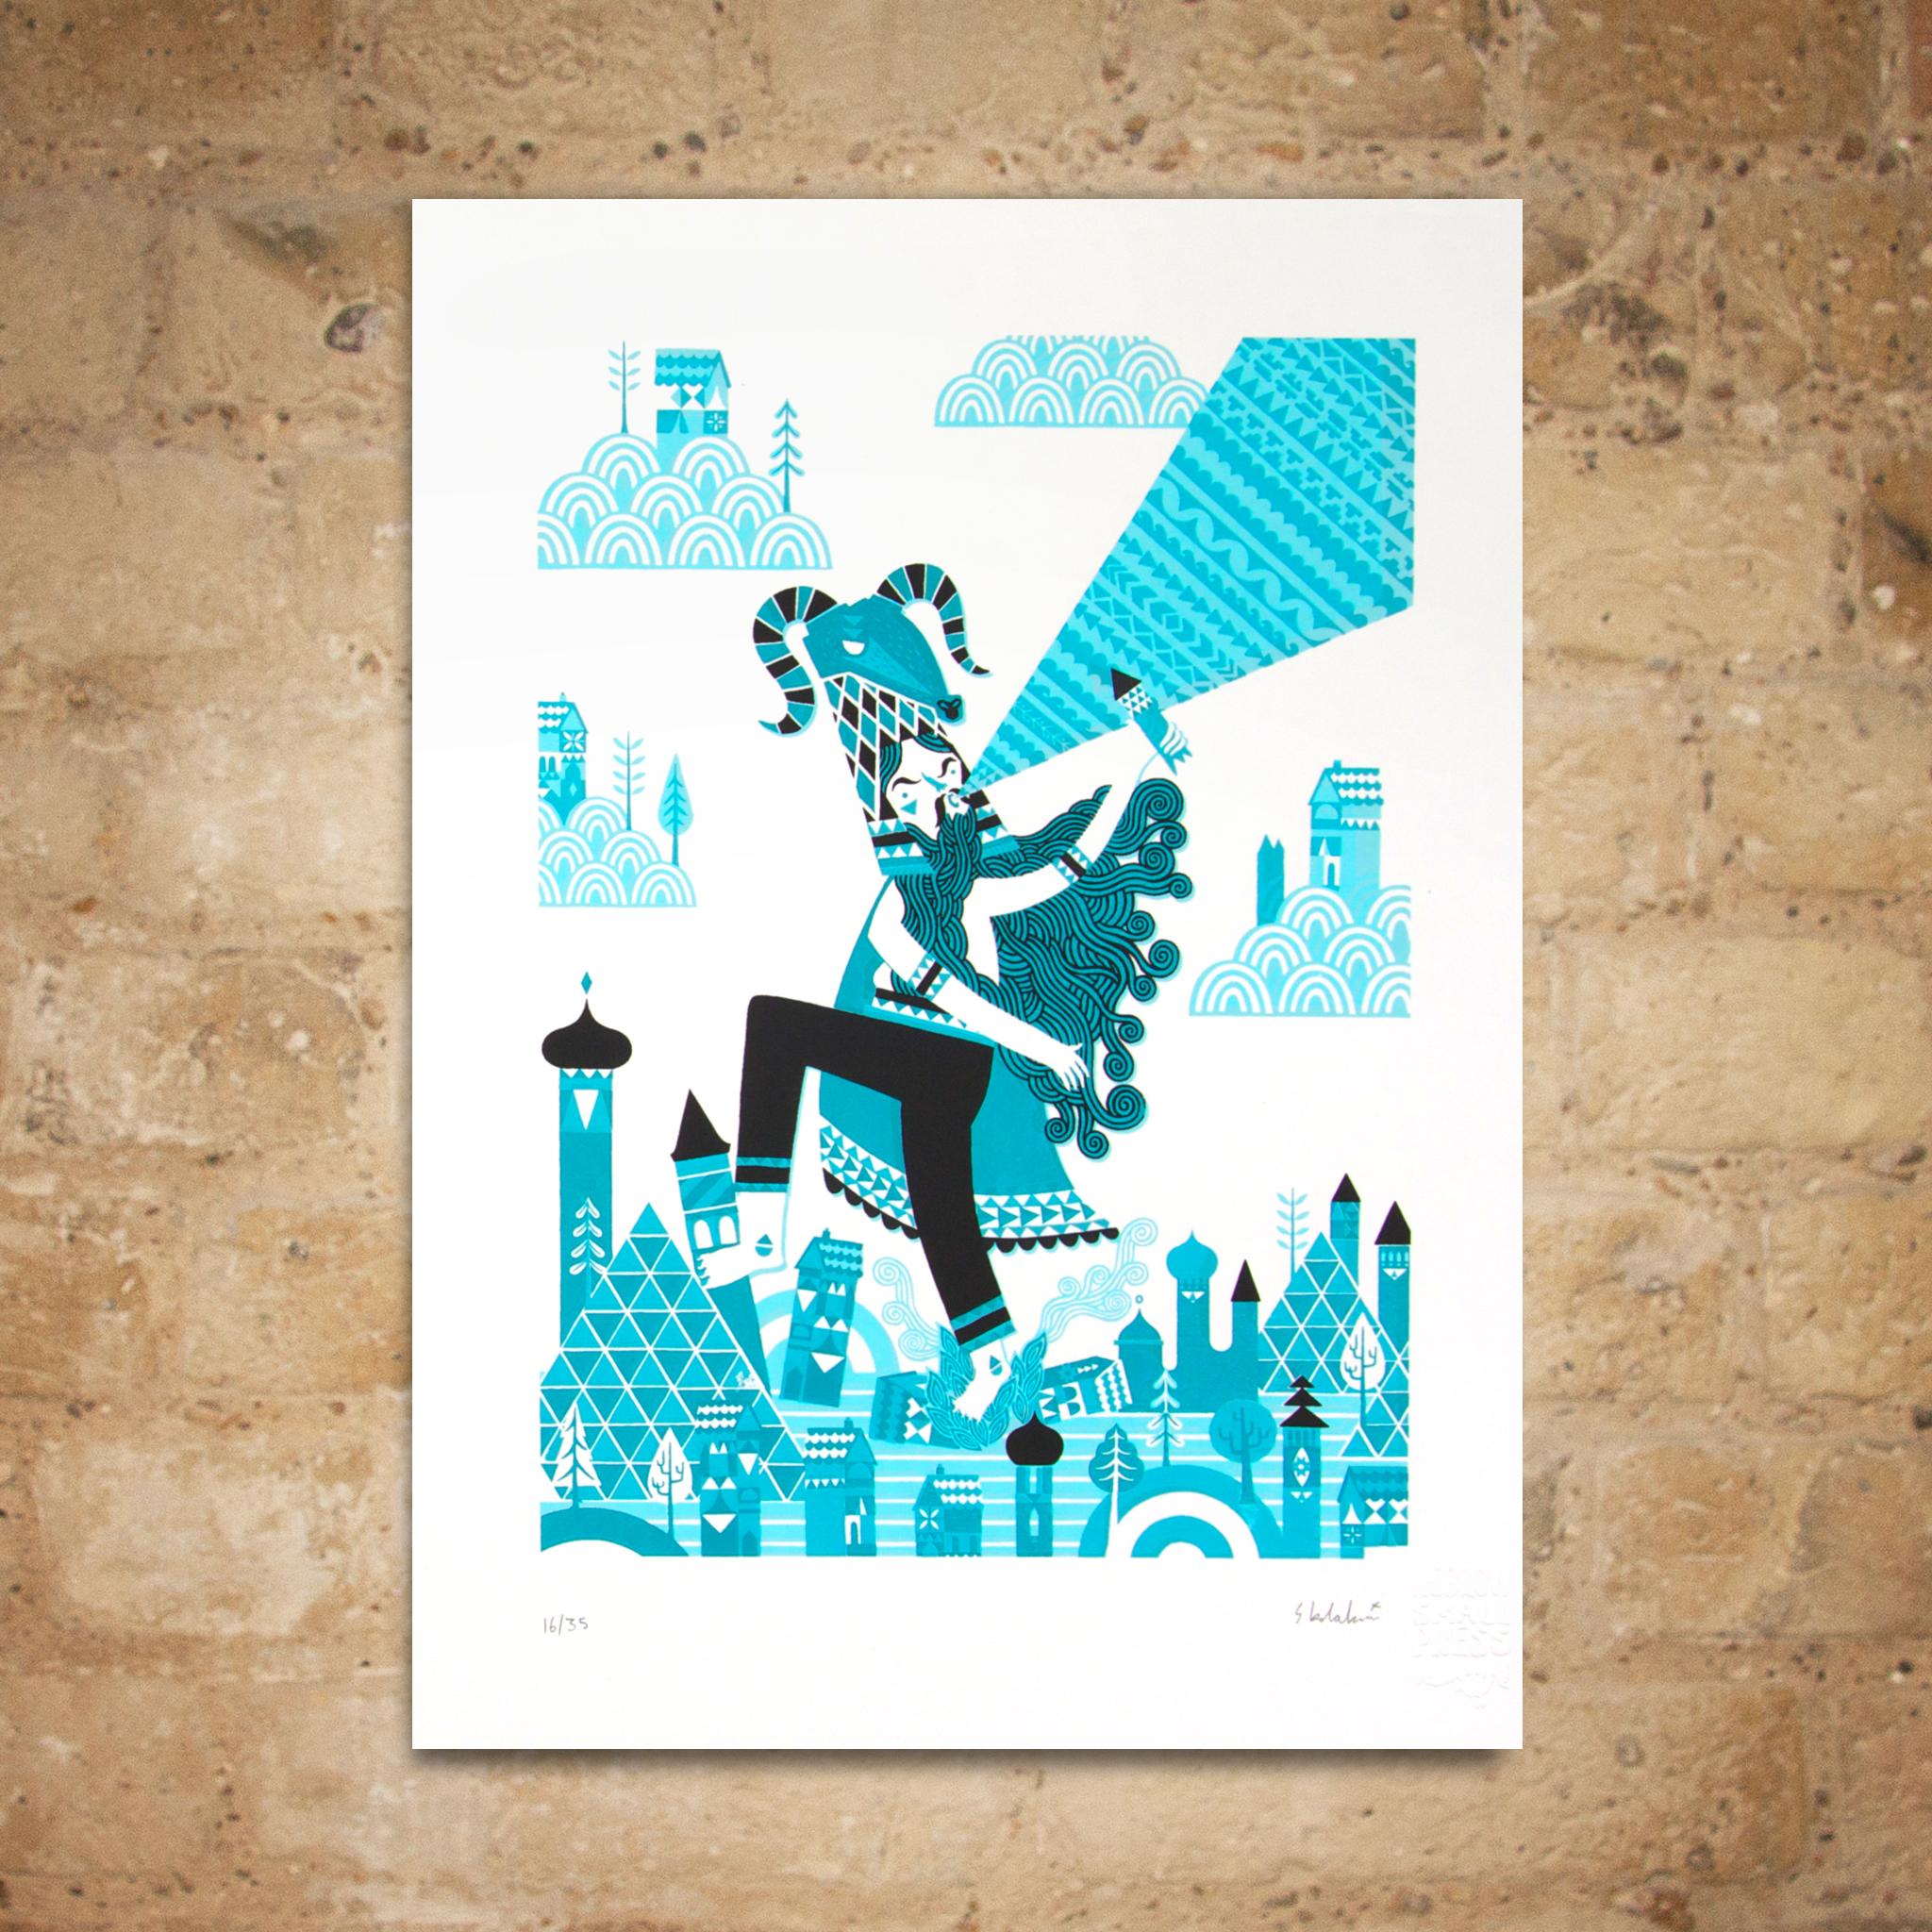 Stuart Kolakovic 'Goat' Print